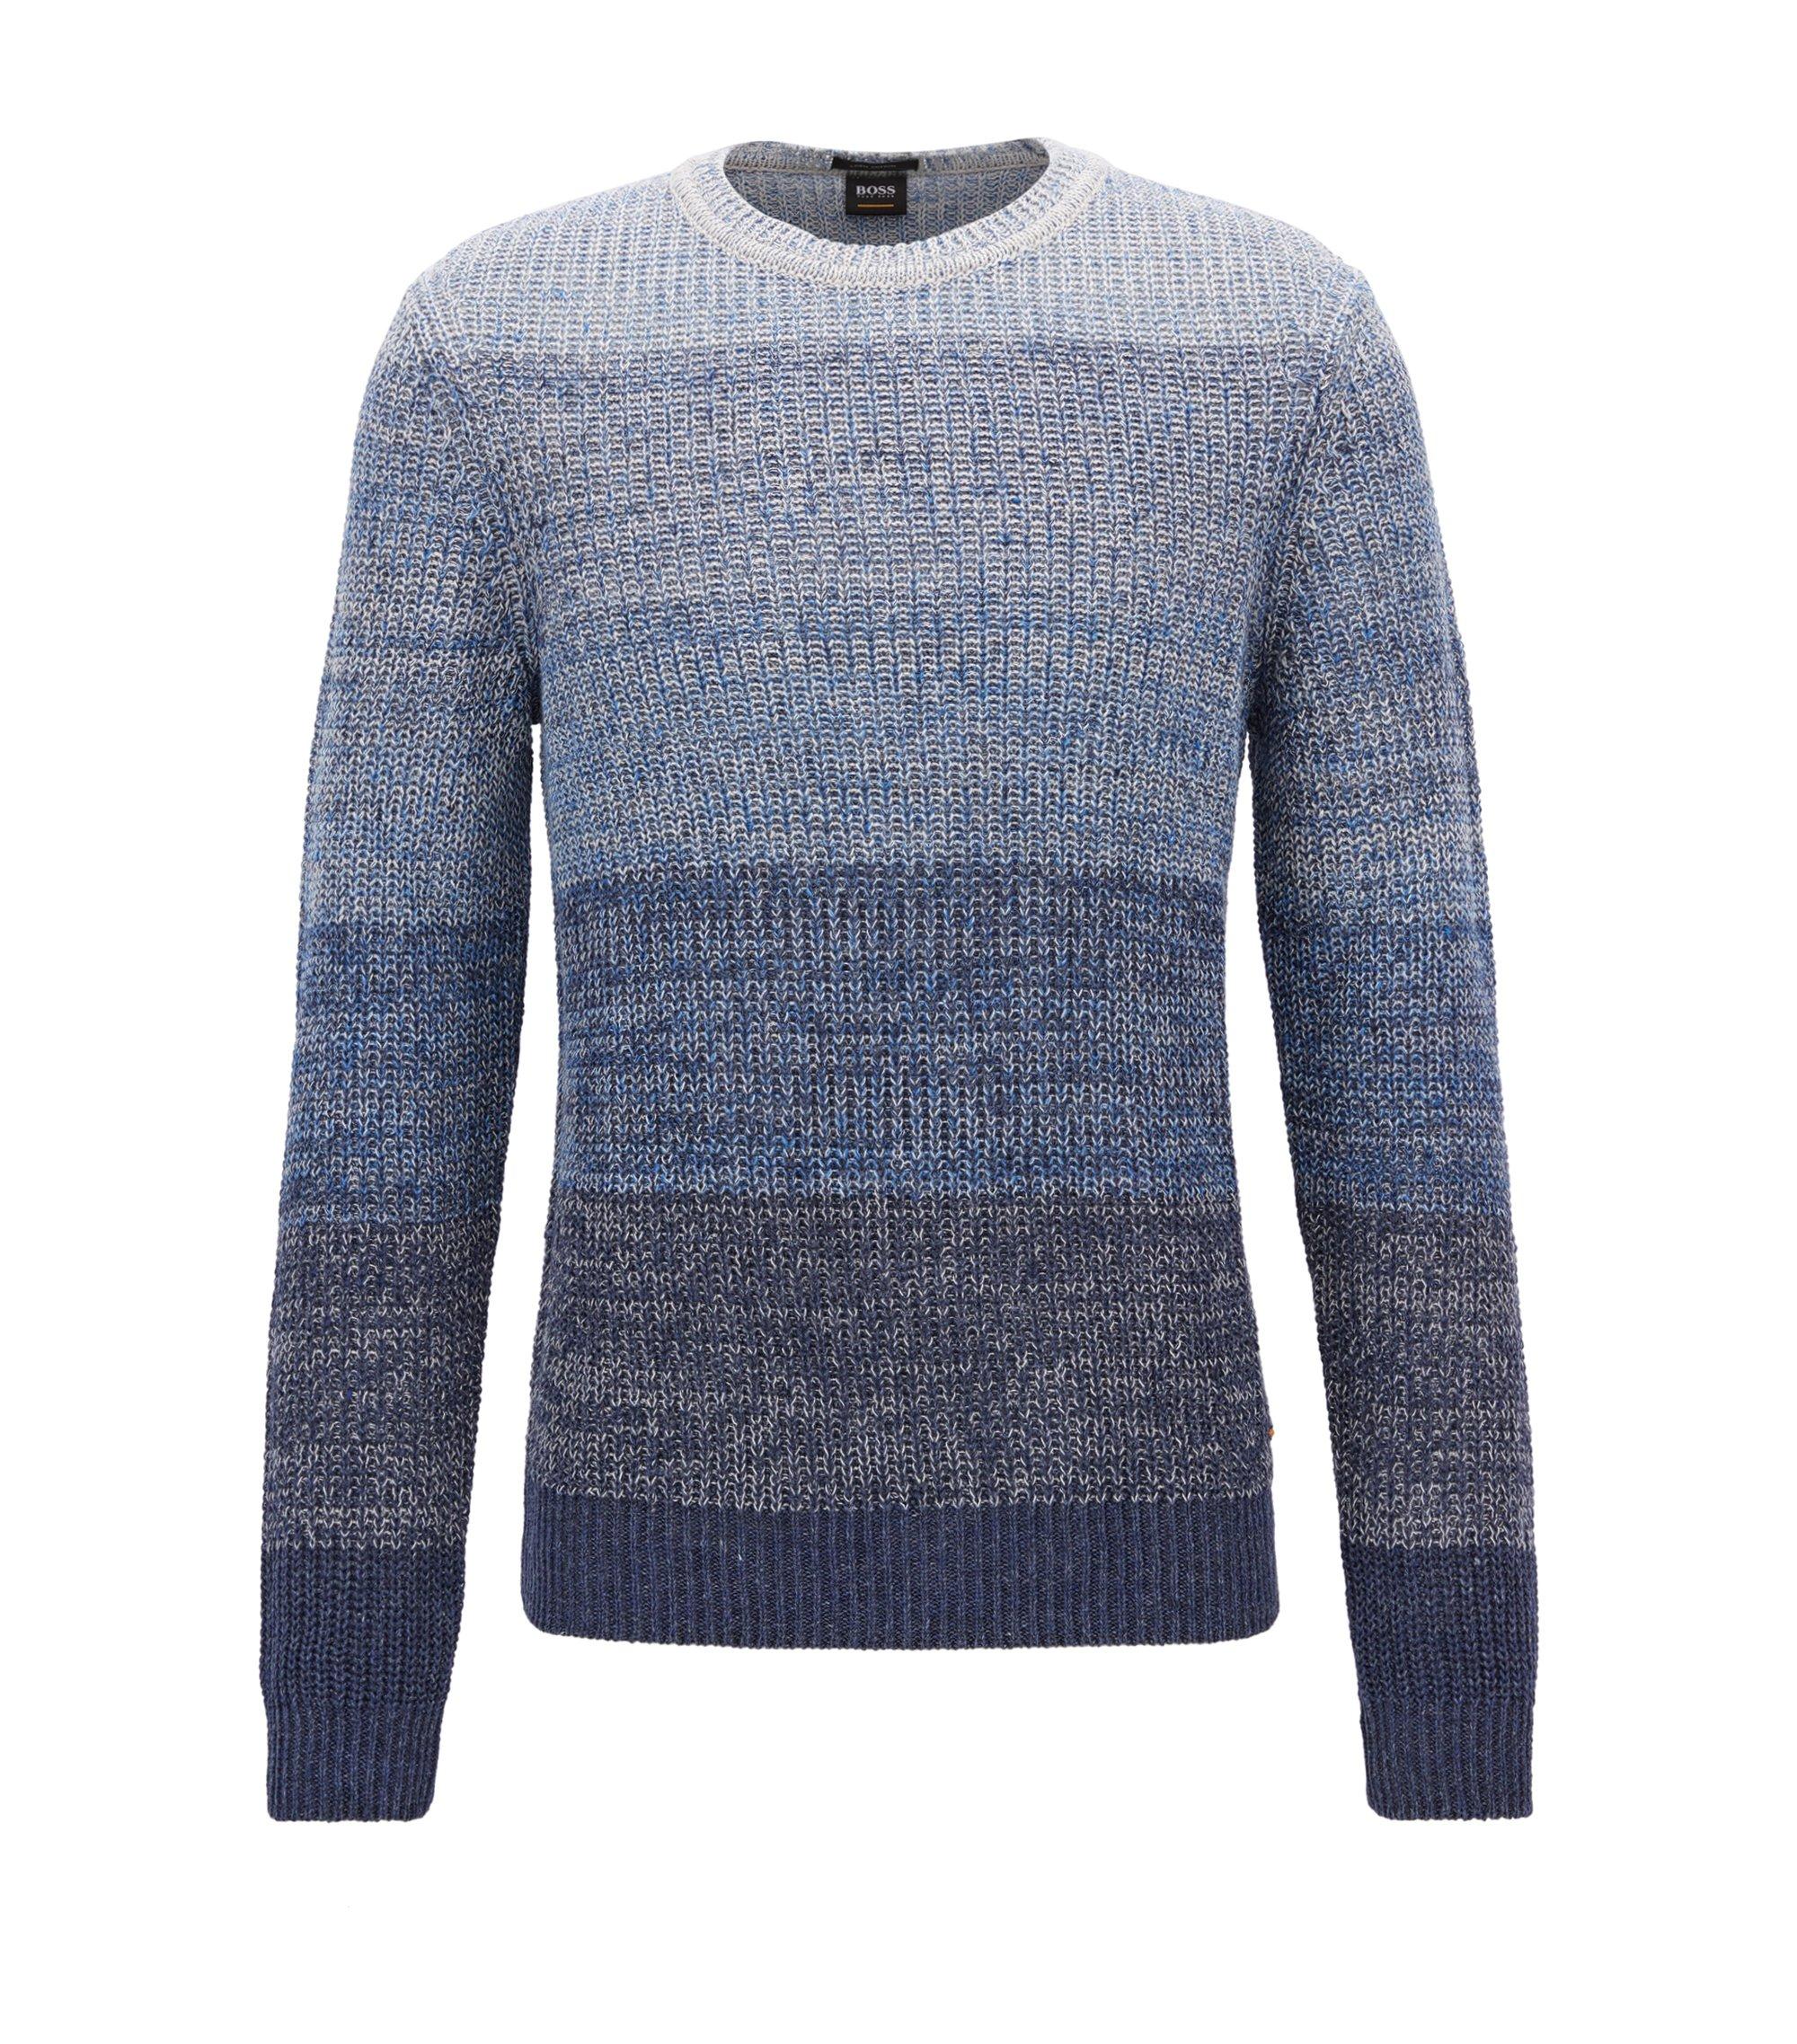 Pullover aus Leinen-Mix mit Baumwolle mit Perlfang-Struktur, Dunkelblau